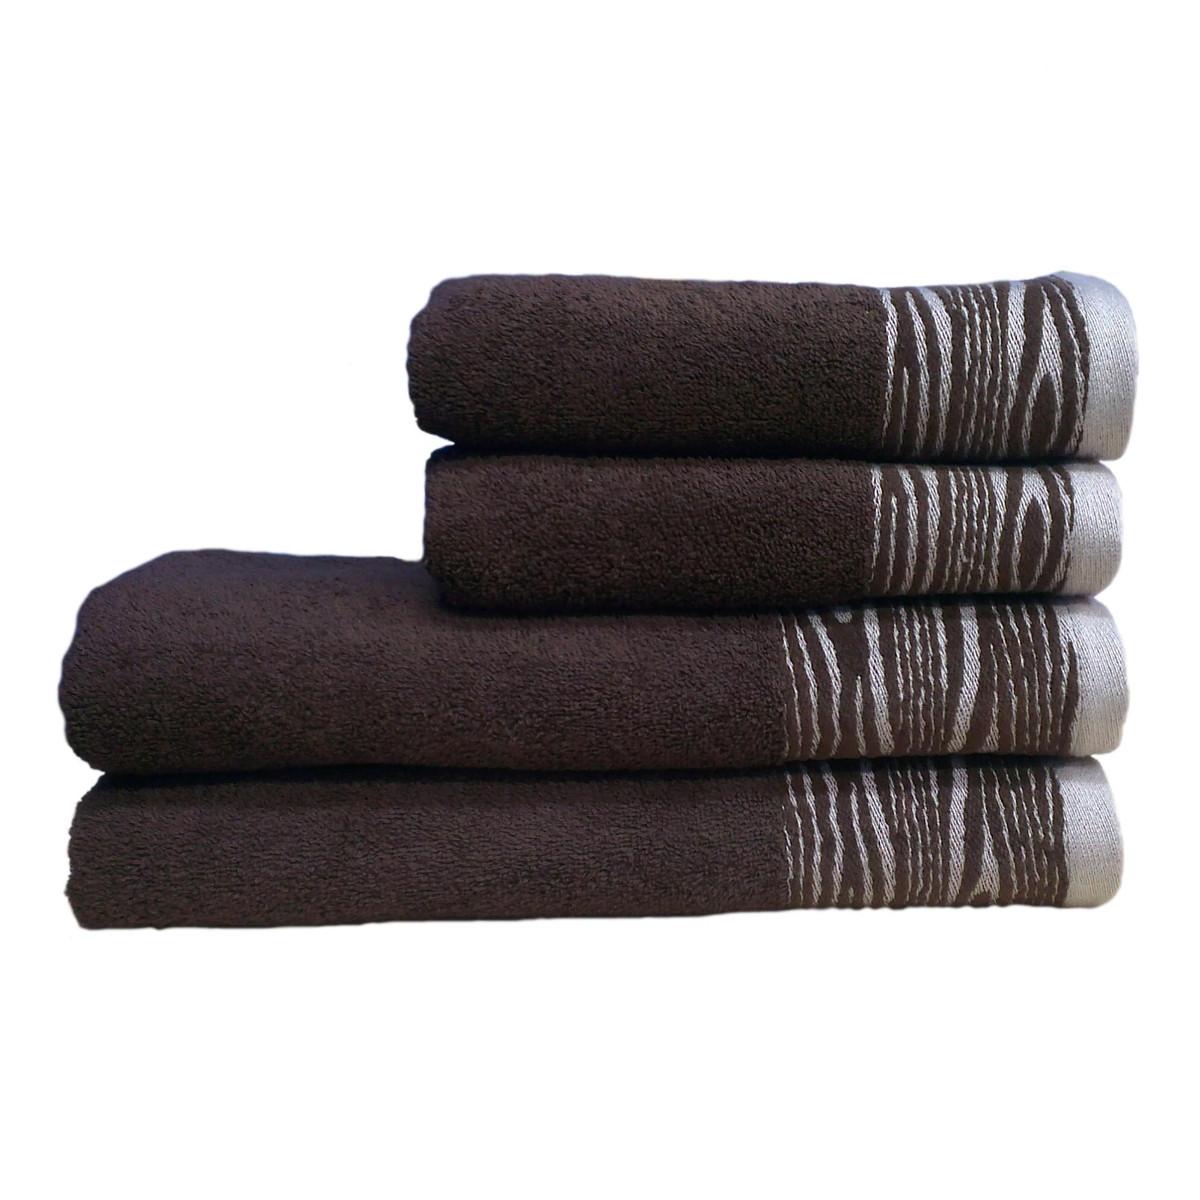 Полотенце махровое Tree, 70Х140см, 430г/м2 (тёмно-коричневое)